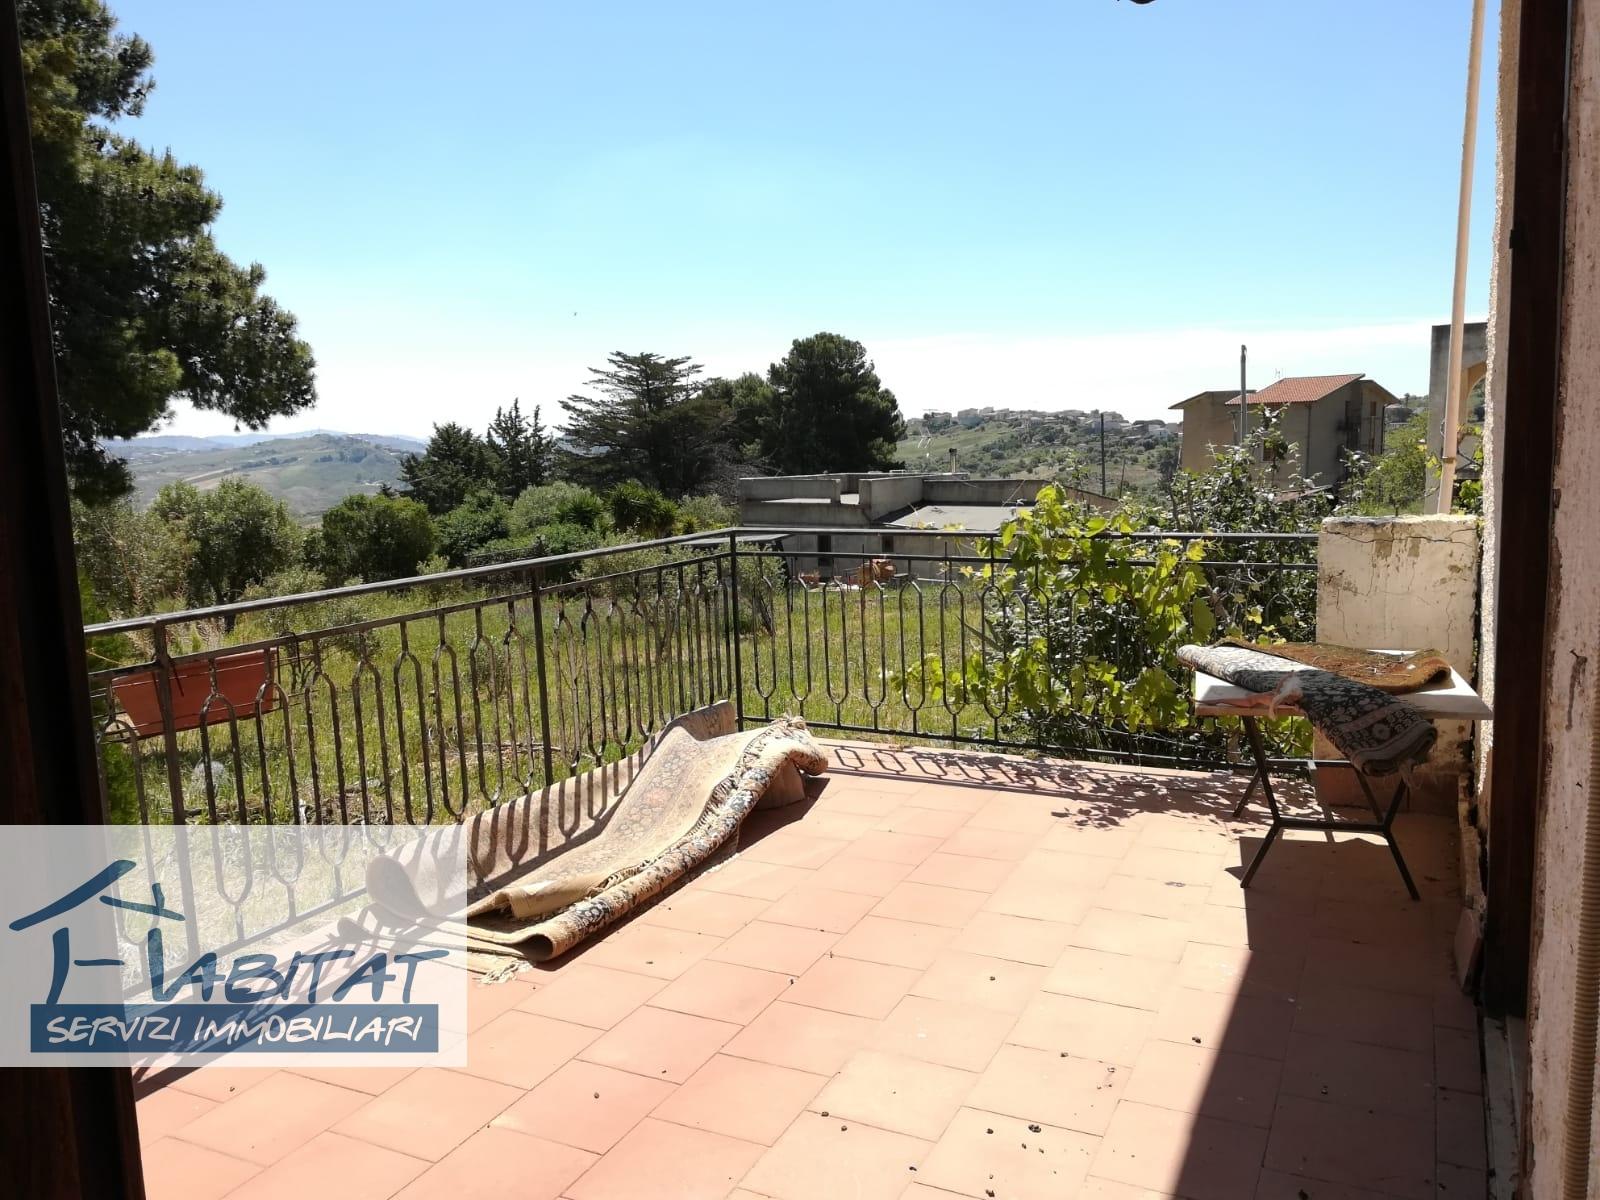 Villa in vendita a Agrigento, 8 locali, zona Zona: Montaperto, prezzo € 80.000 | CambioCasa.it